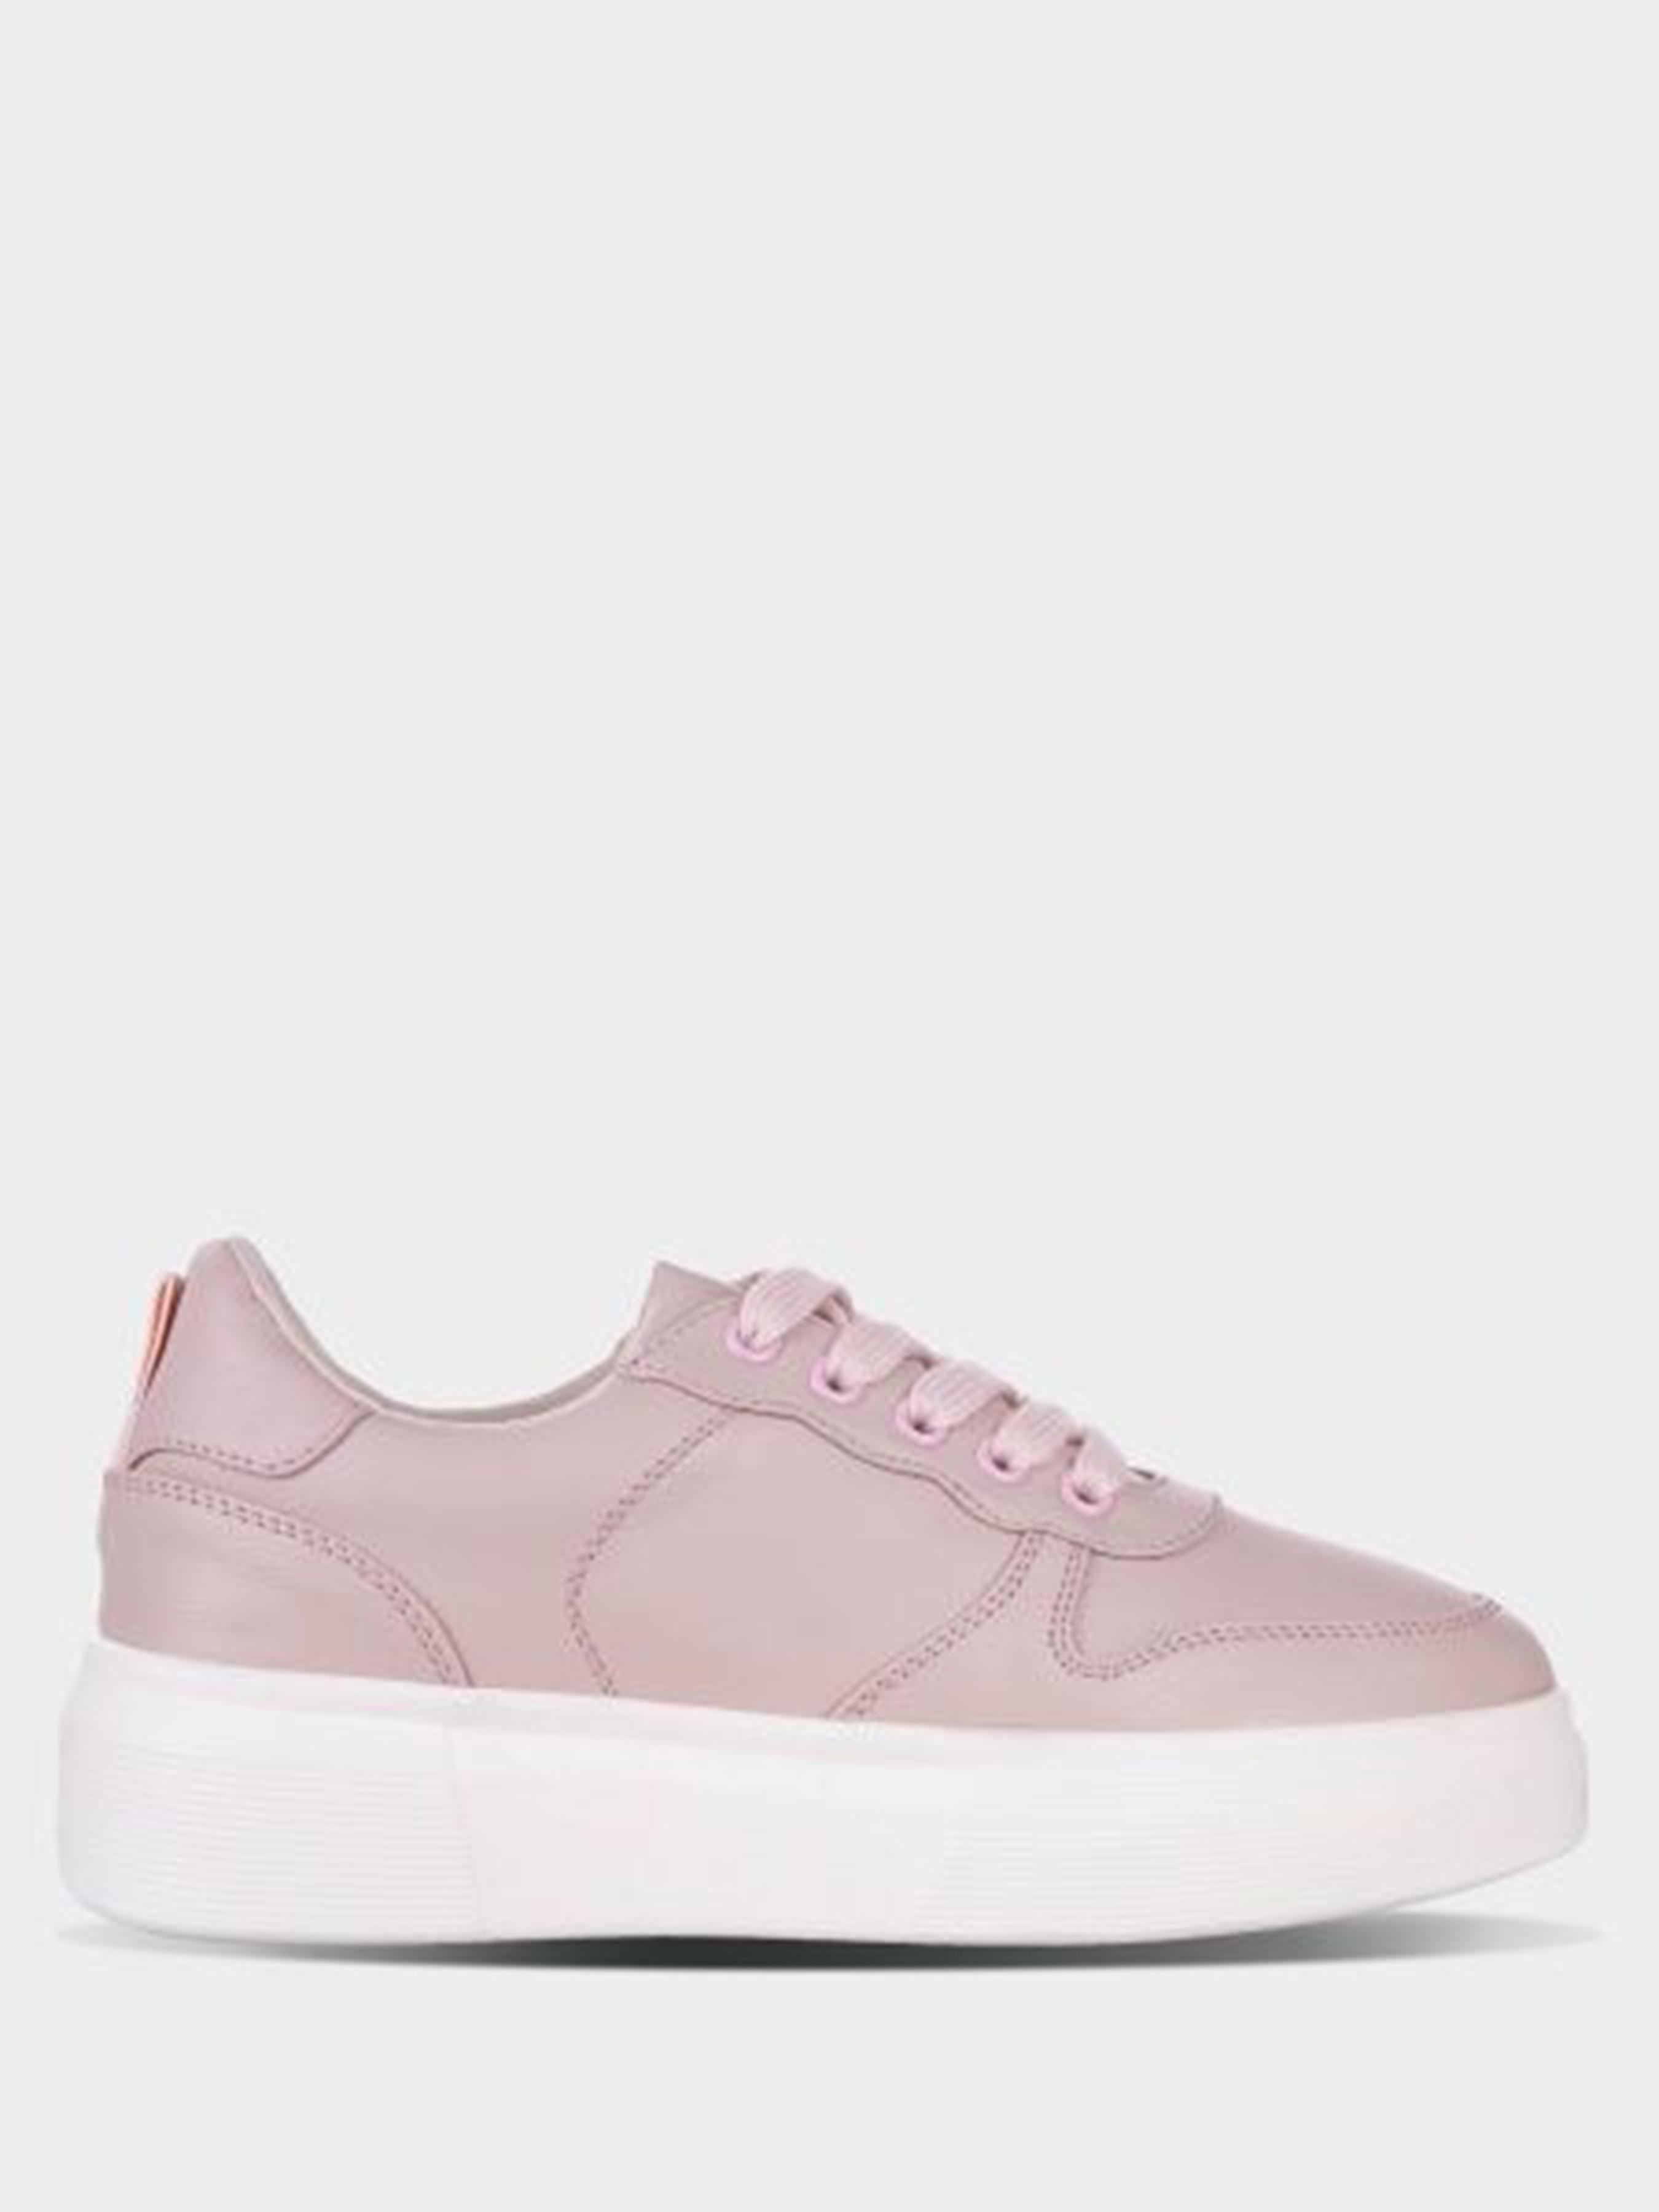 Полуботинки для женщин BLINK BquintL BL1880 купить обувь, 2017